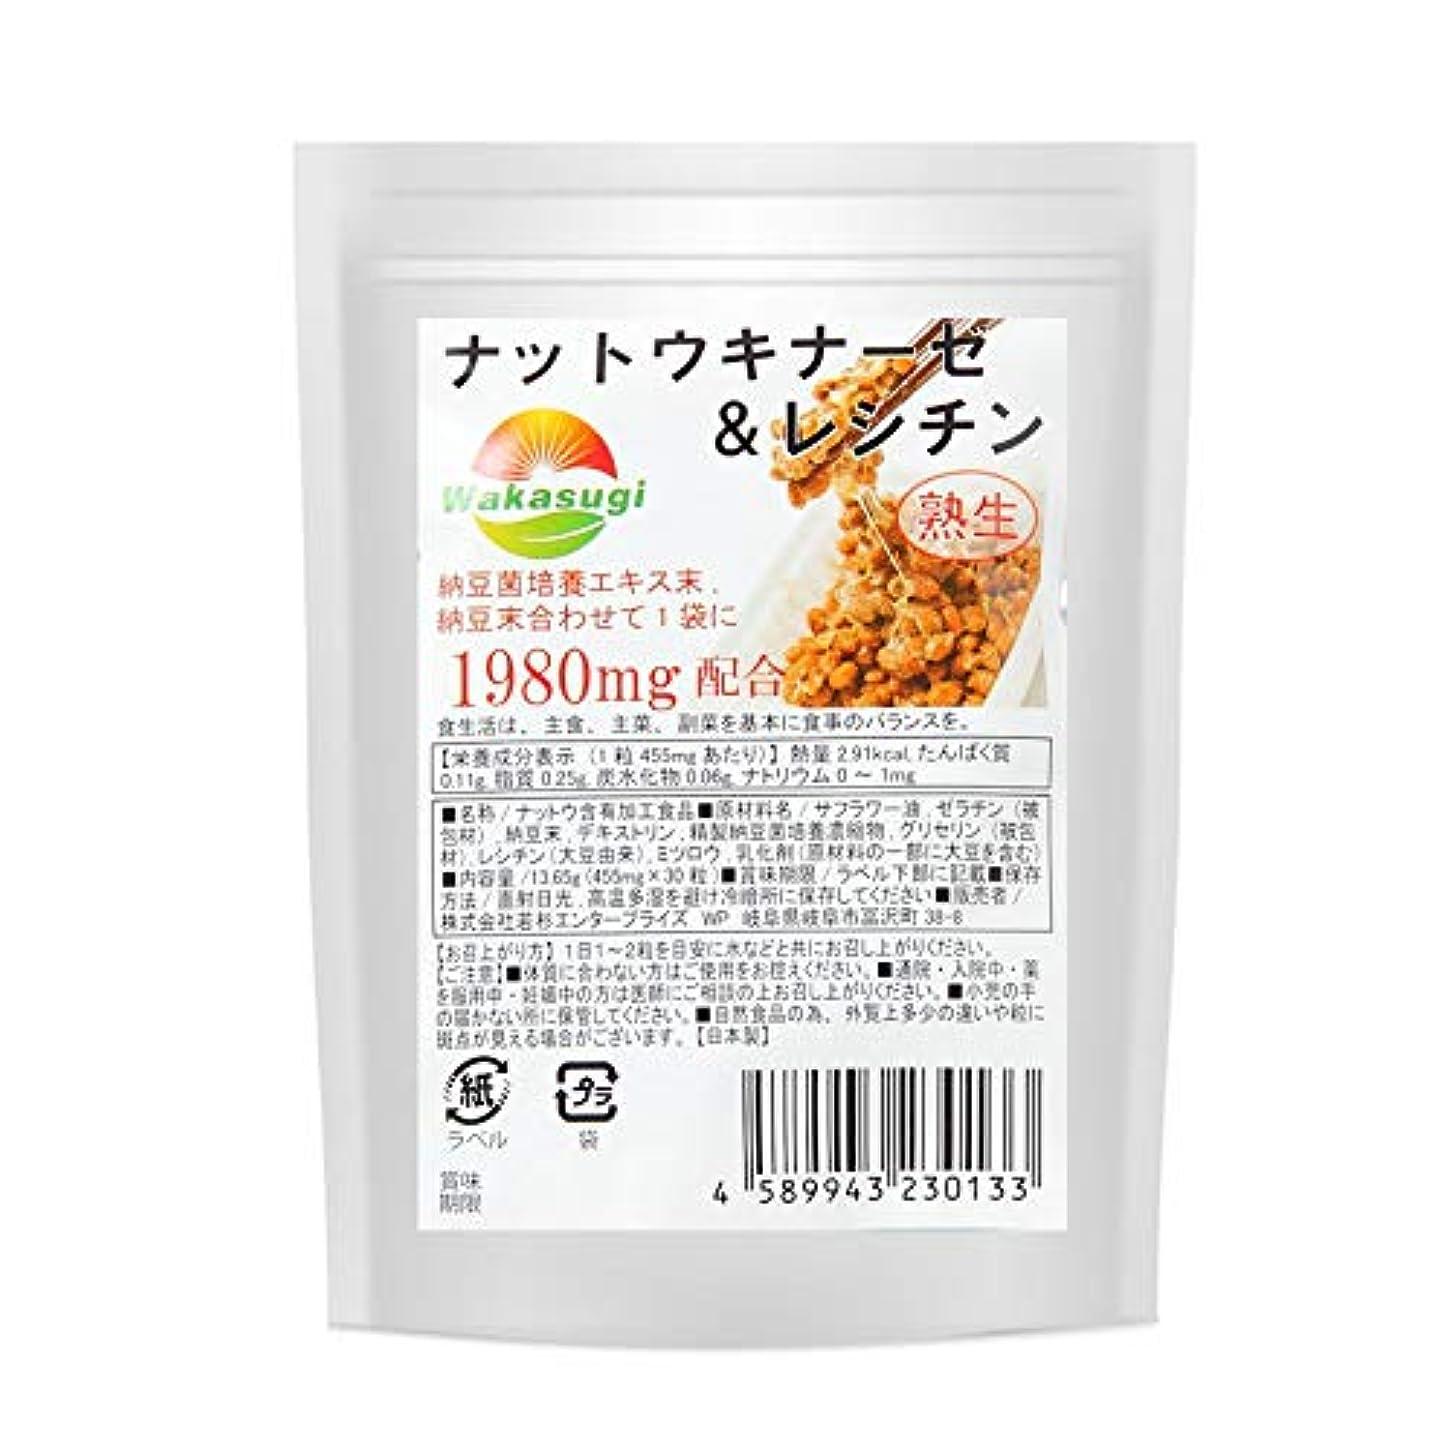 主張歯科医発音超熟 納豆サプリメント 30粒 生ナットウキナーゼ&レシチン ソフトカプセルタイプ